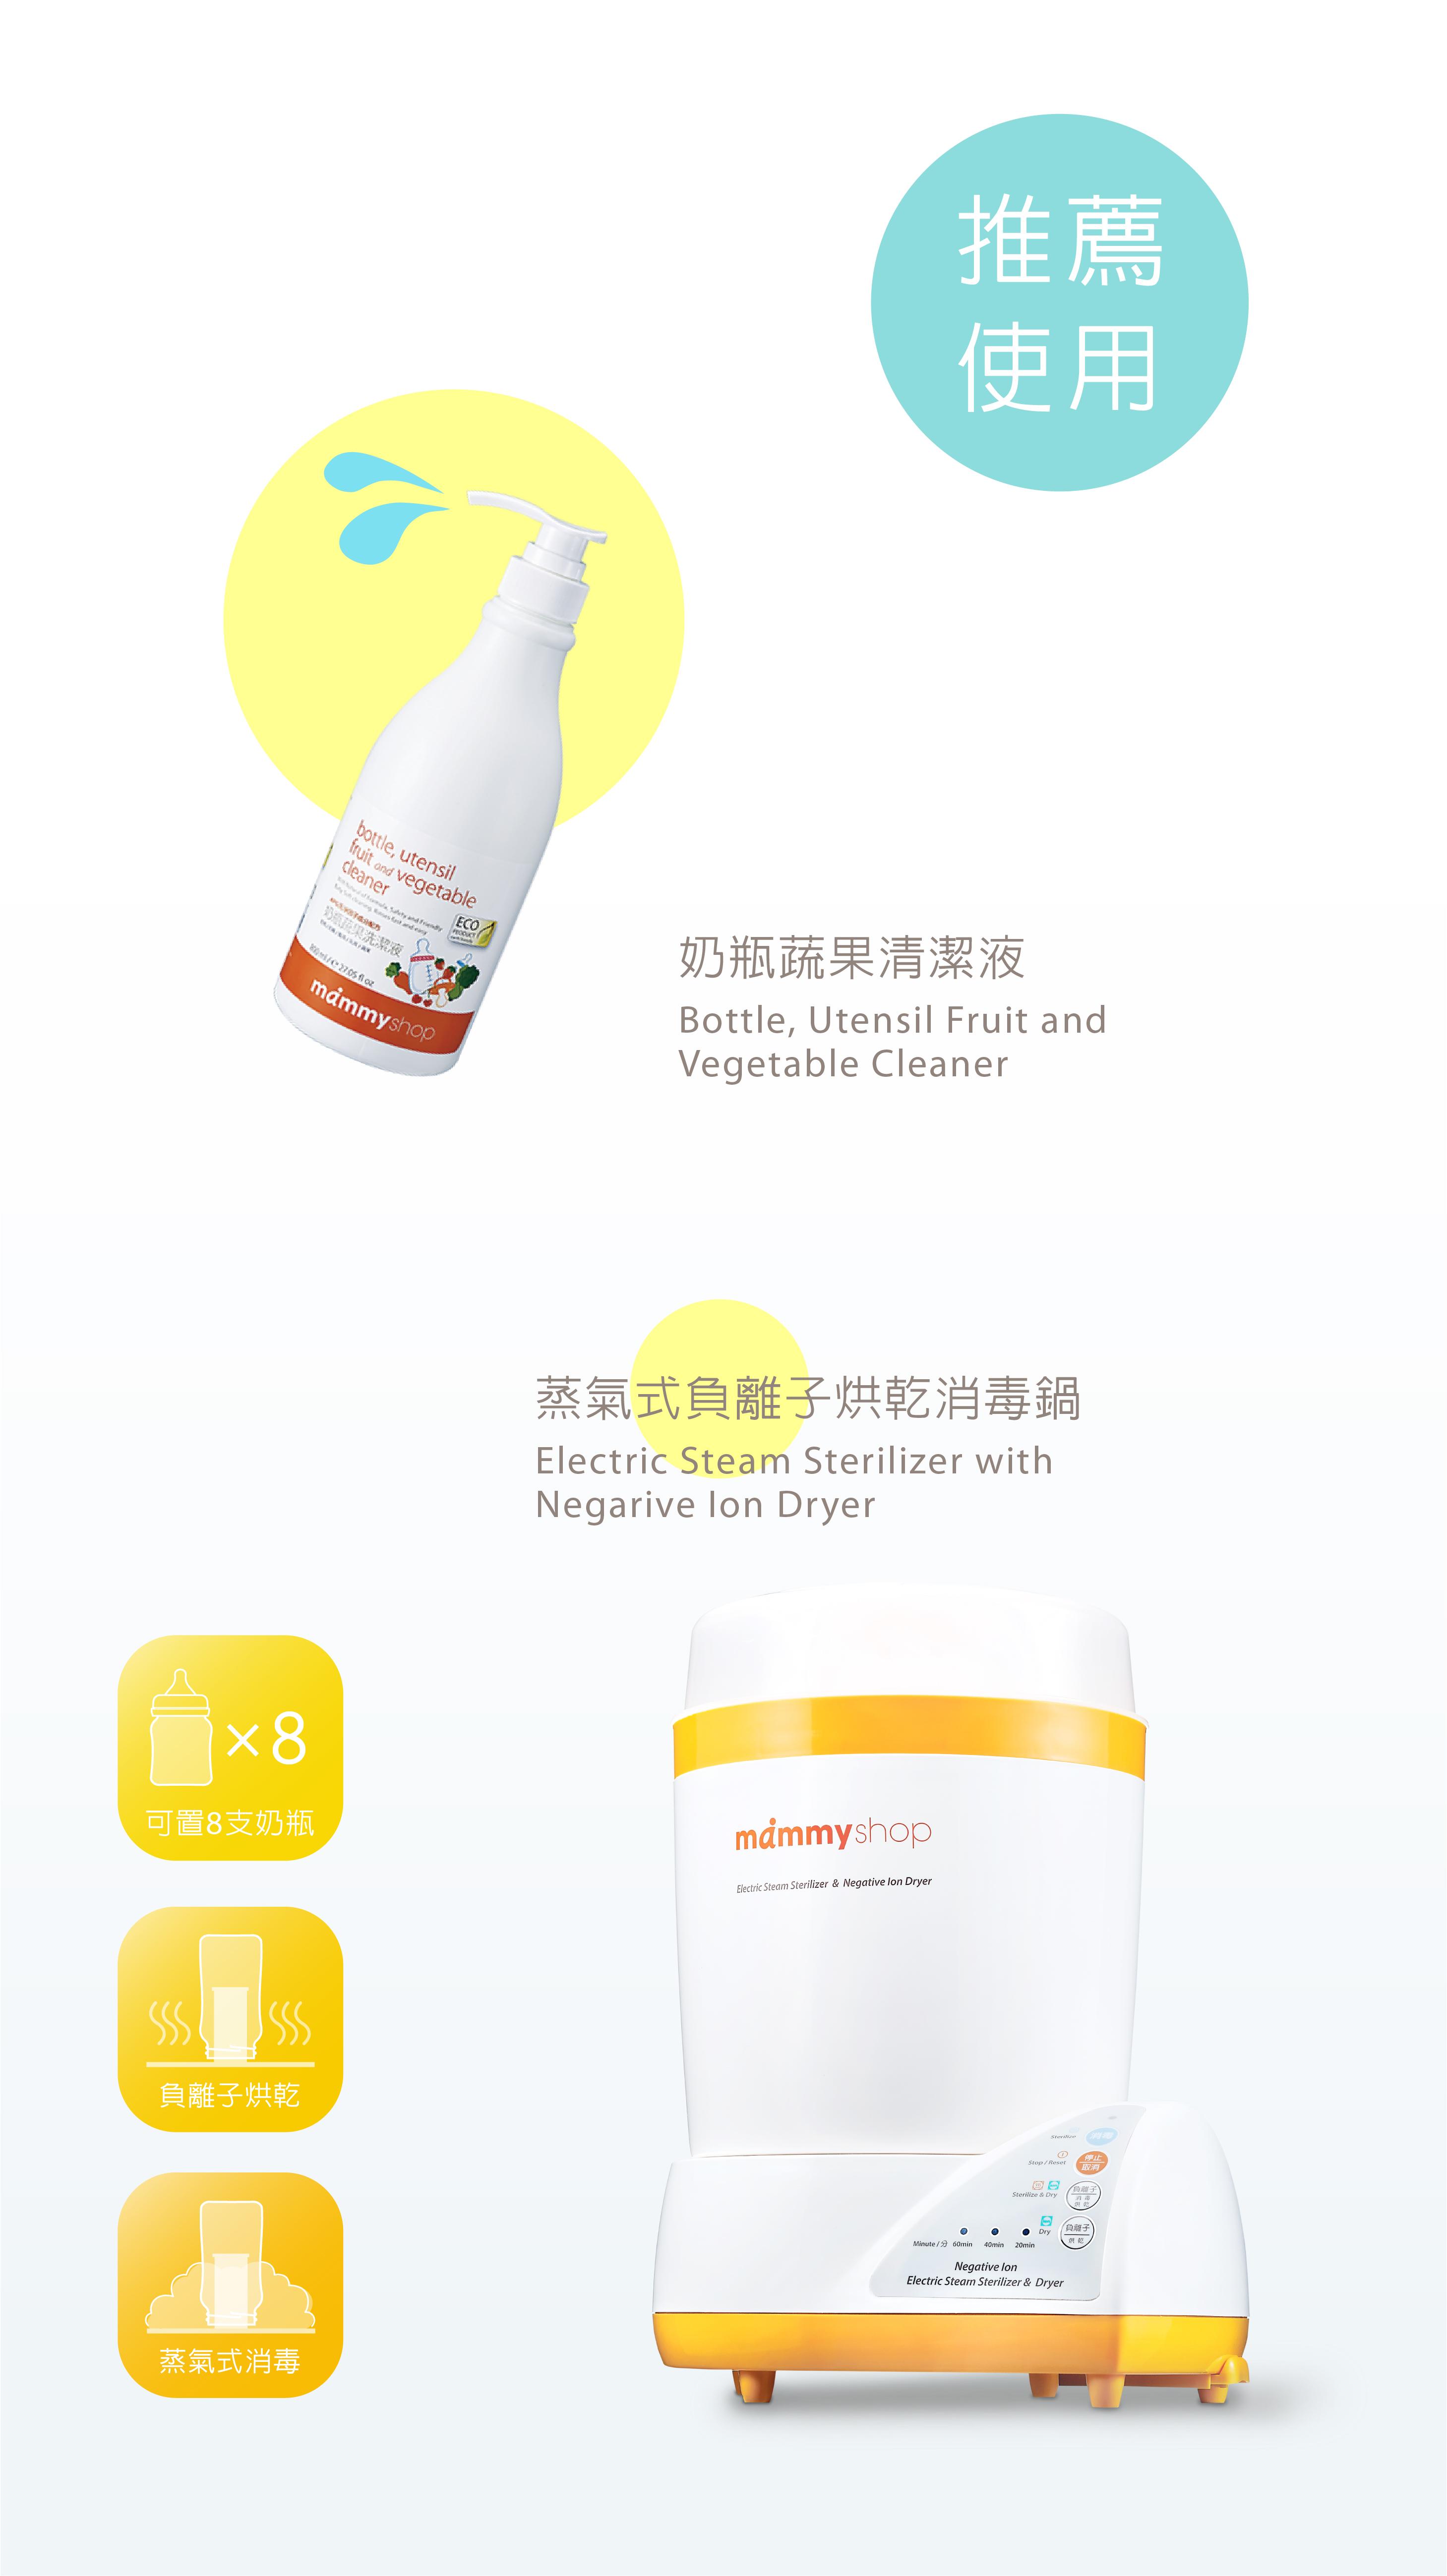 矽膠旋轉奶瓶刷-推薦使用